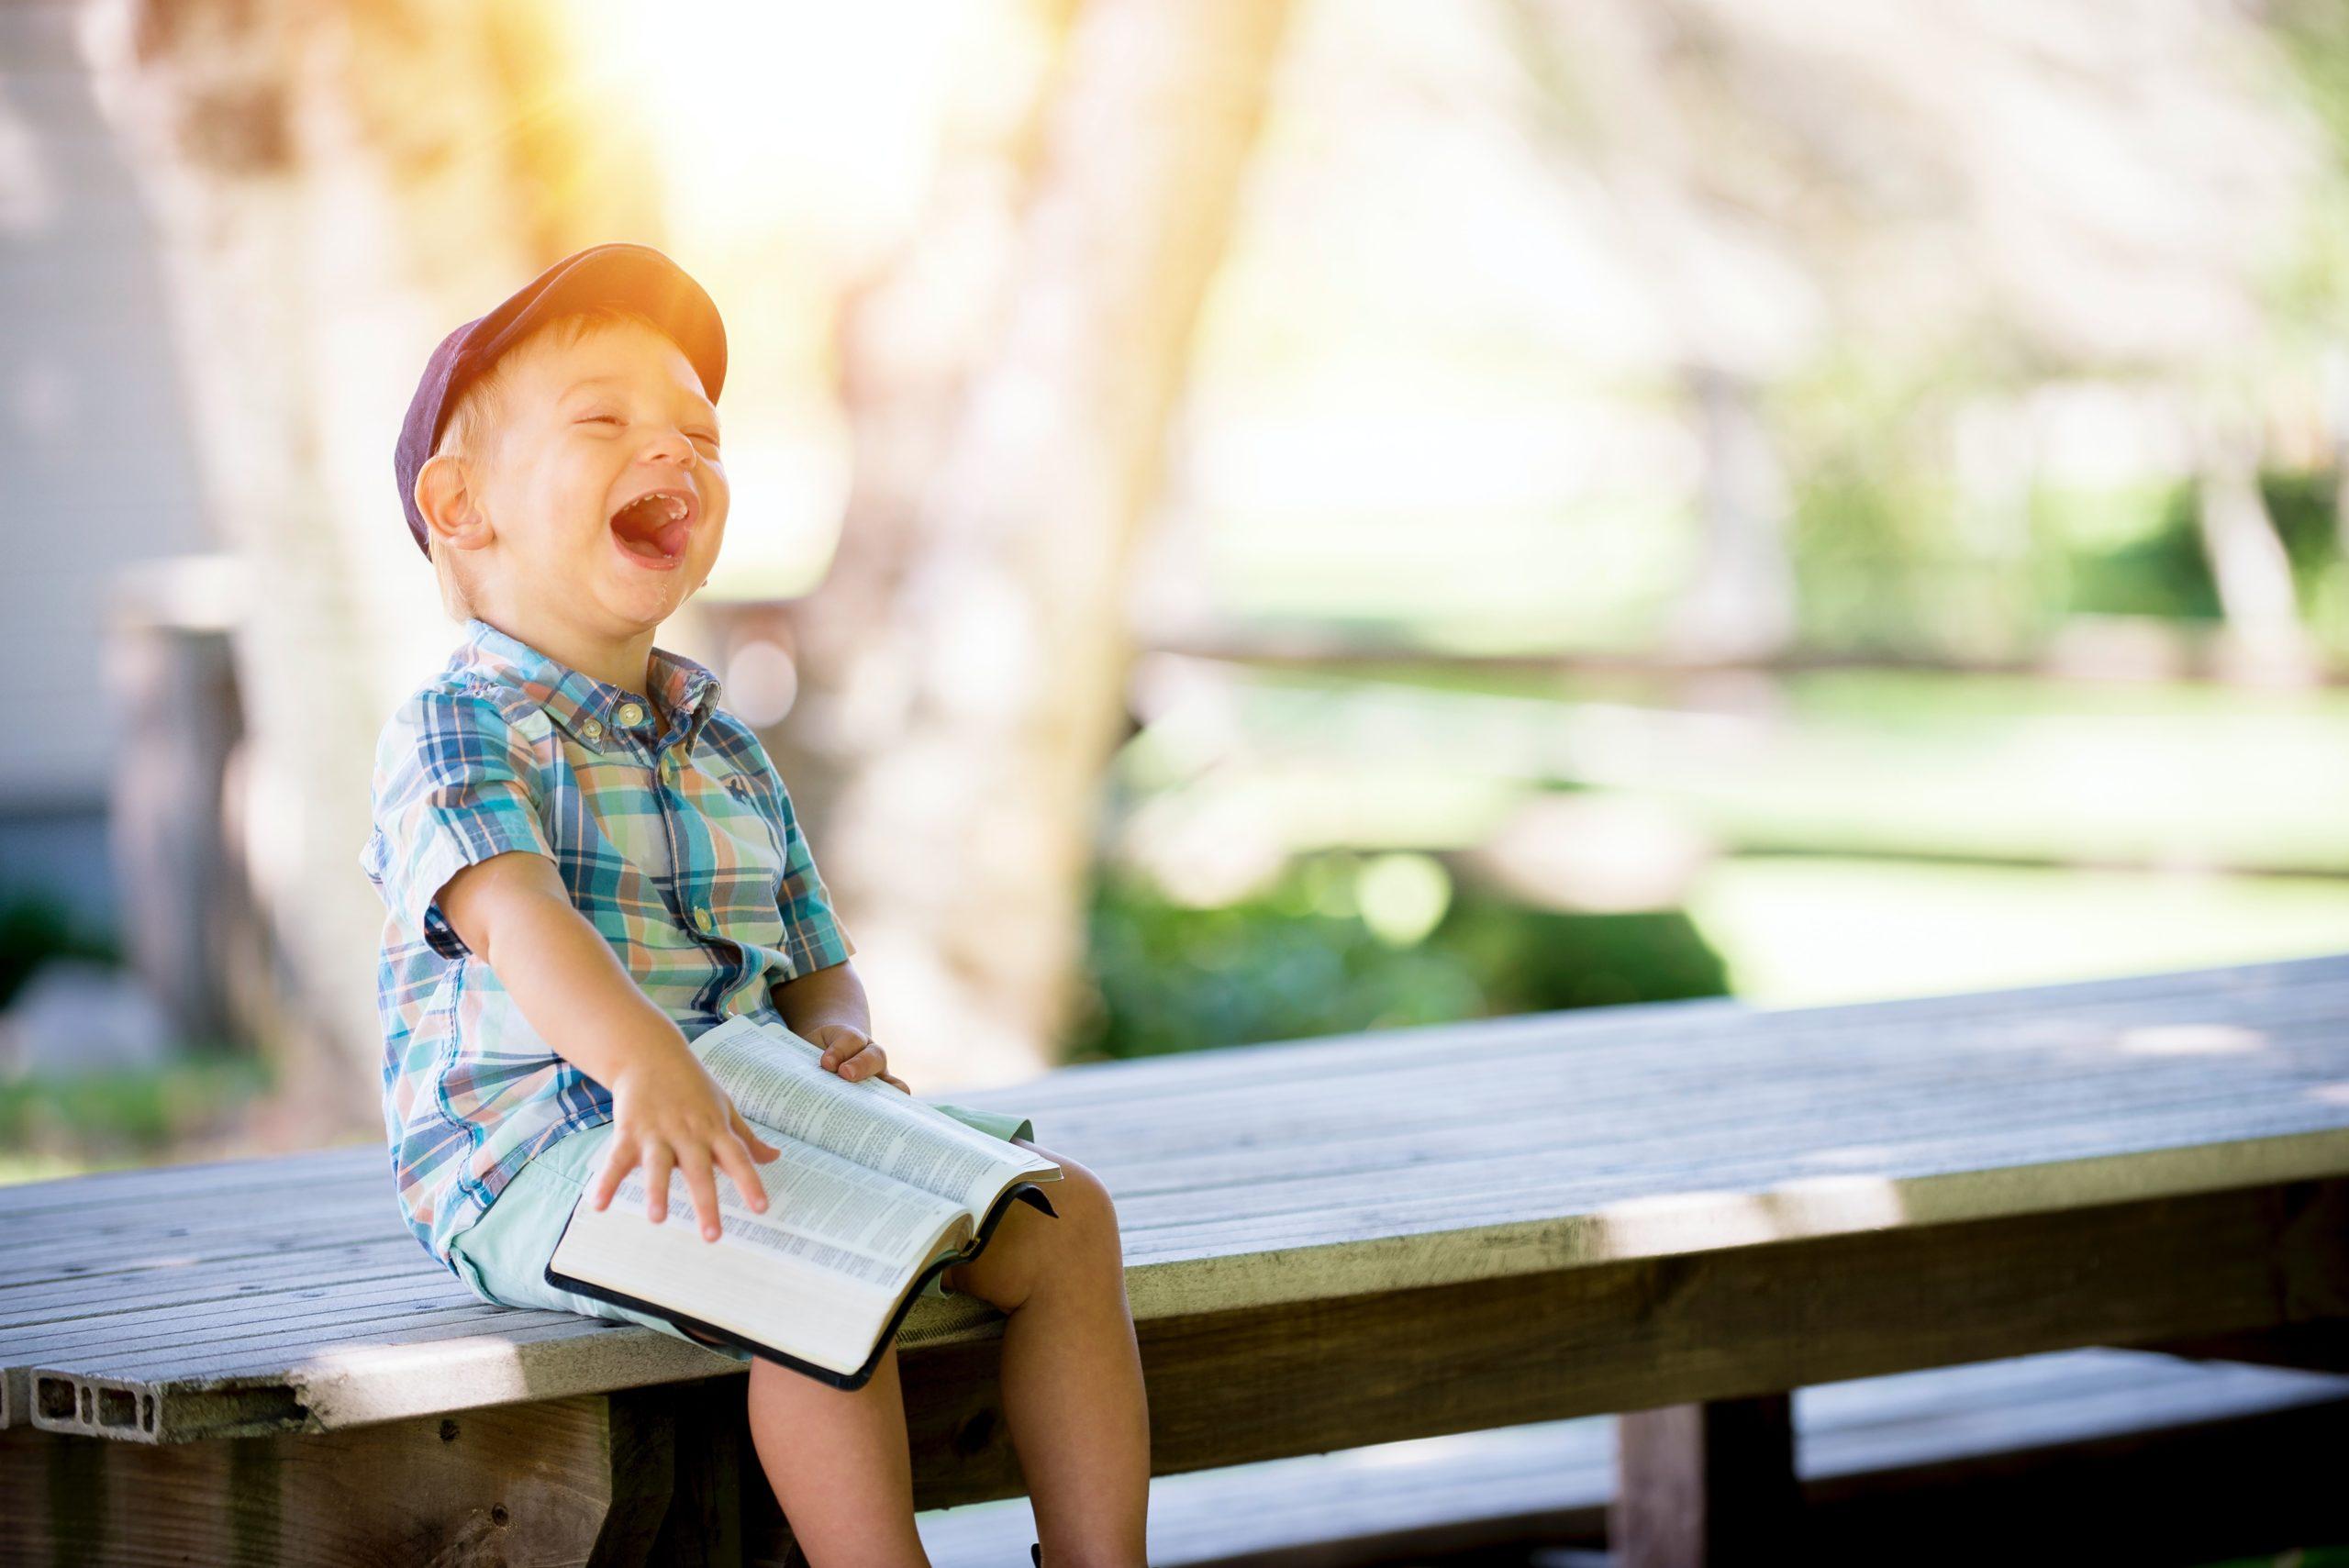 ¿Es posible aprender a ser feliz? Sí, con este curso en español